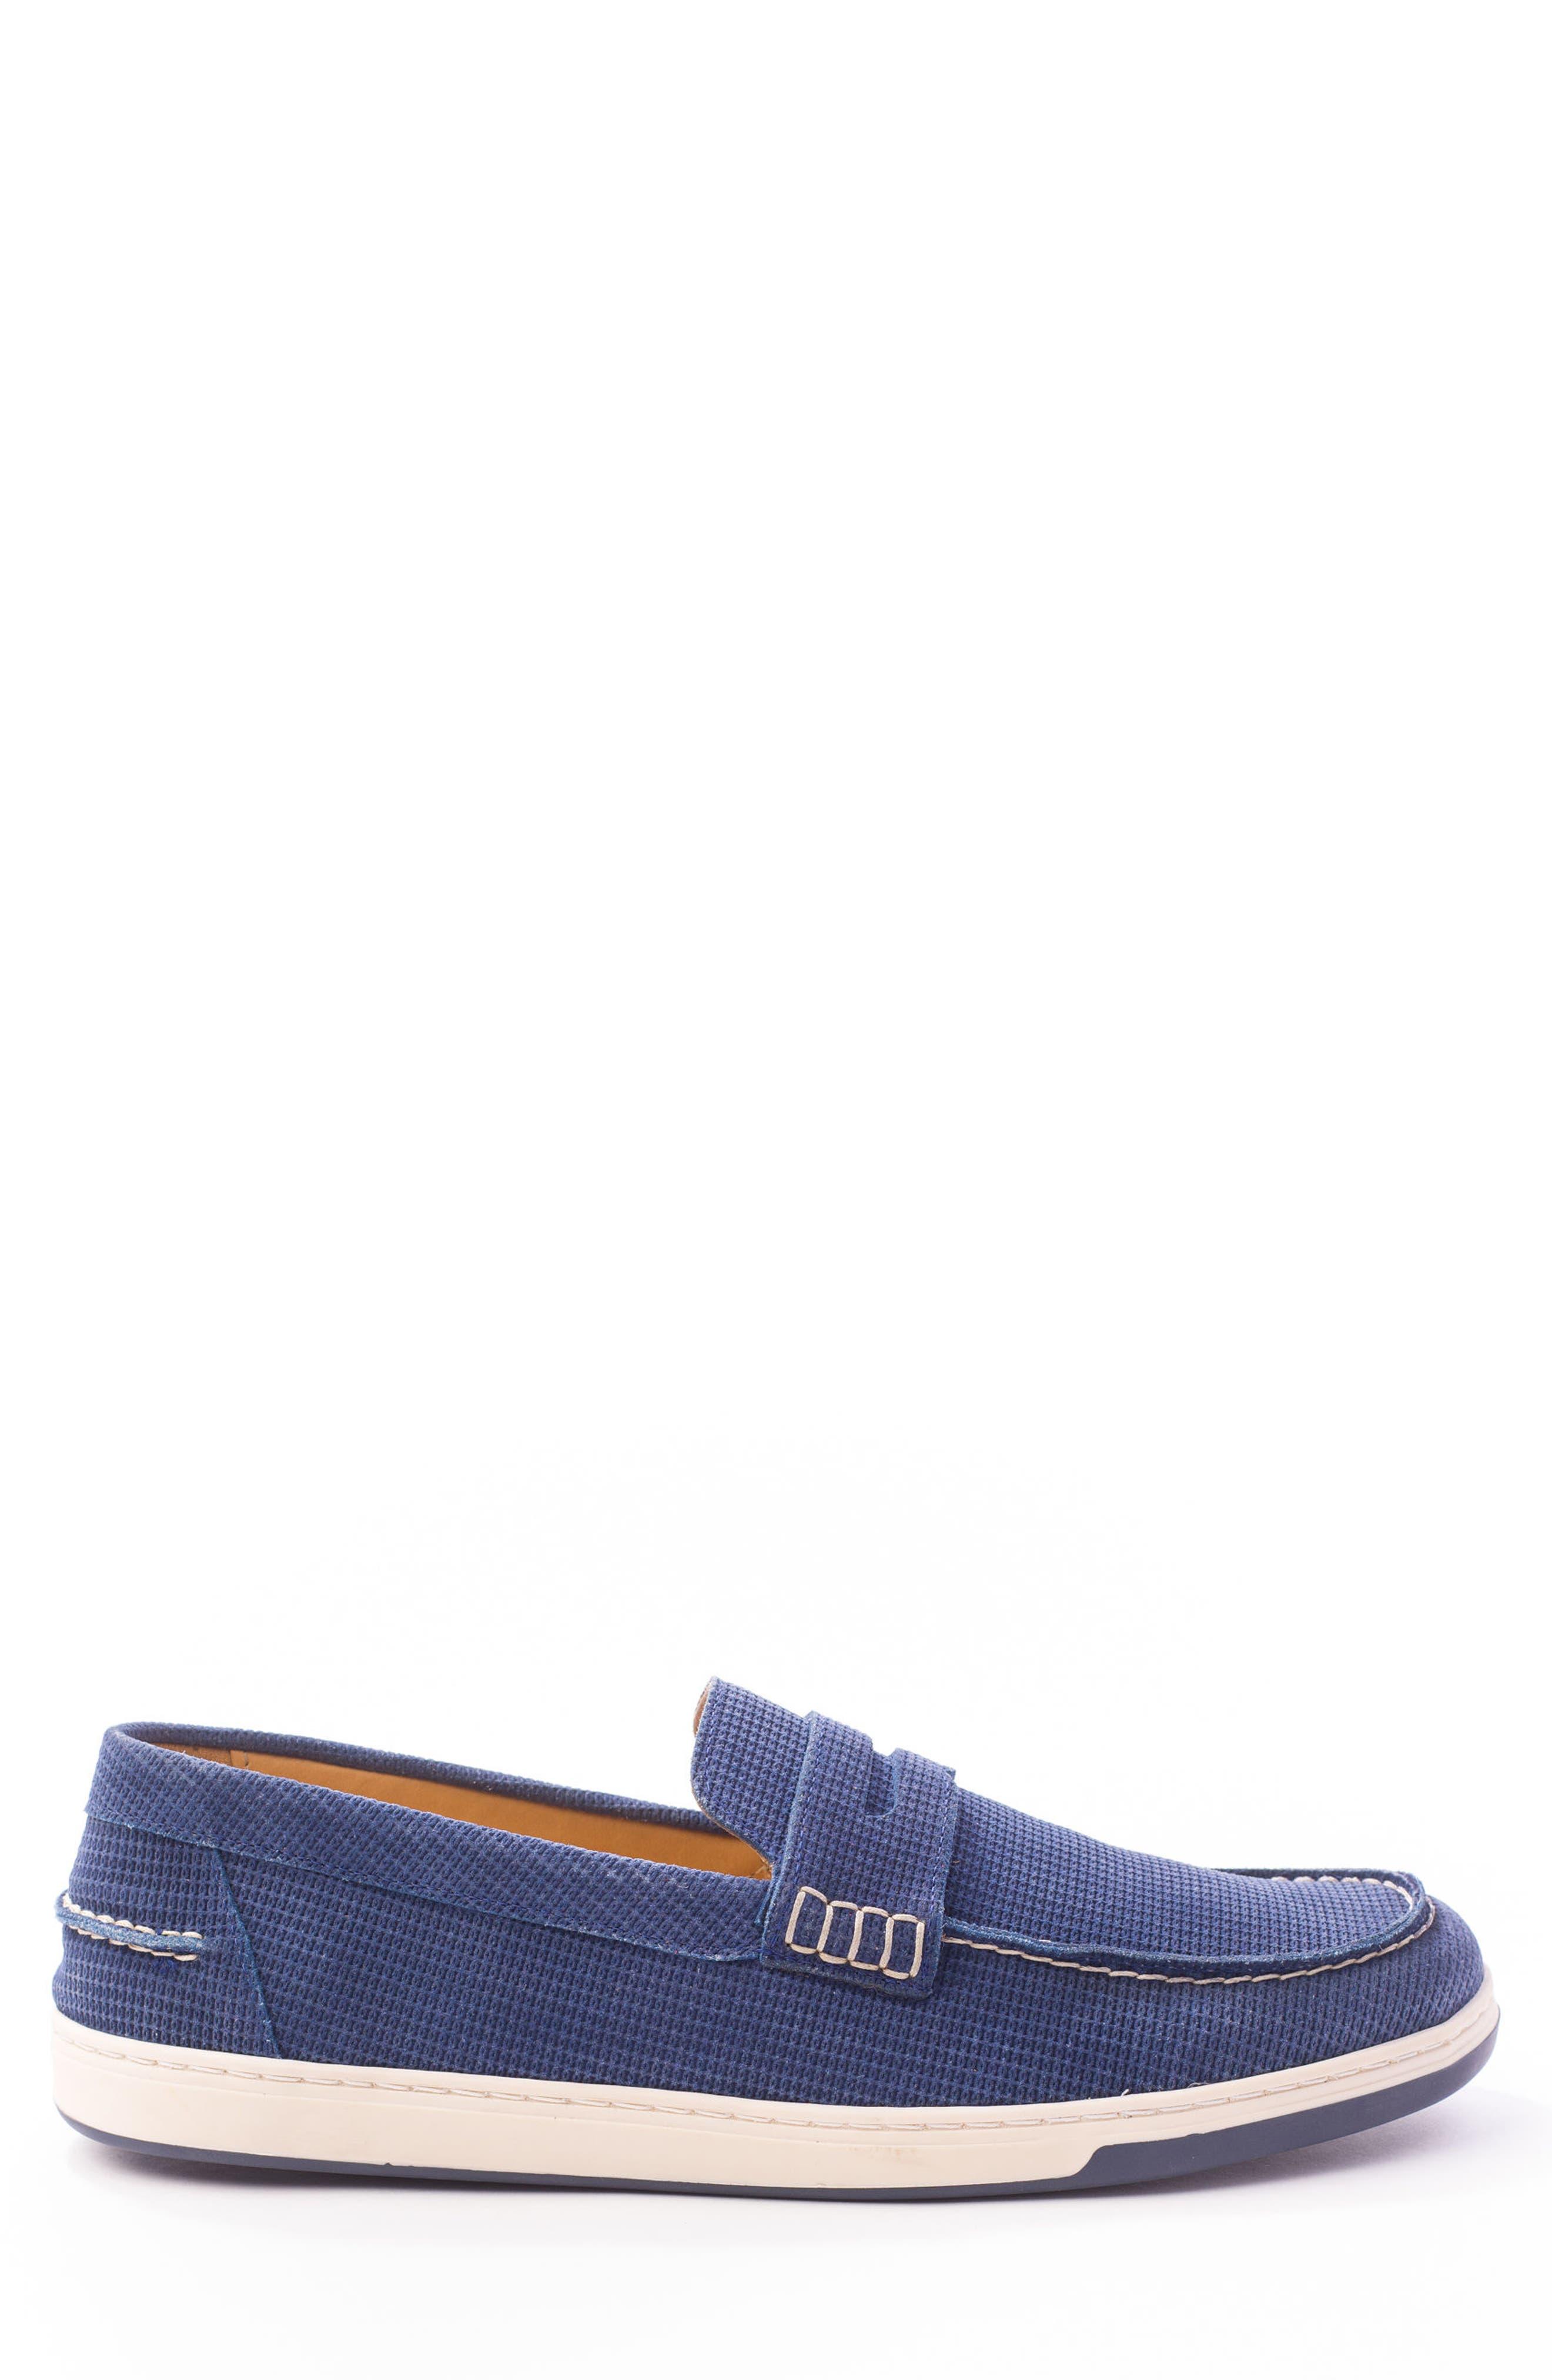 Bradford Embossed Penny Loafer Sneaker,                             Alternate thumbnail 3, color,                             DARK INDIGO